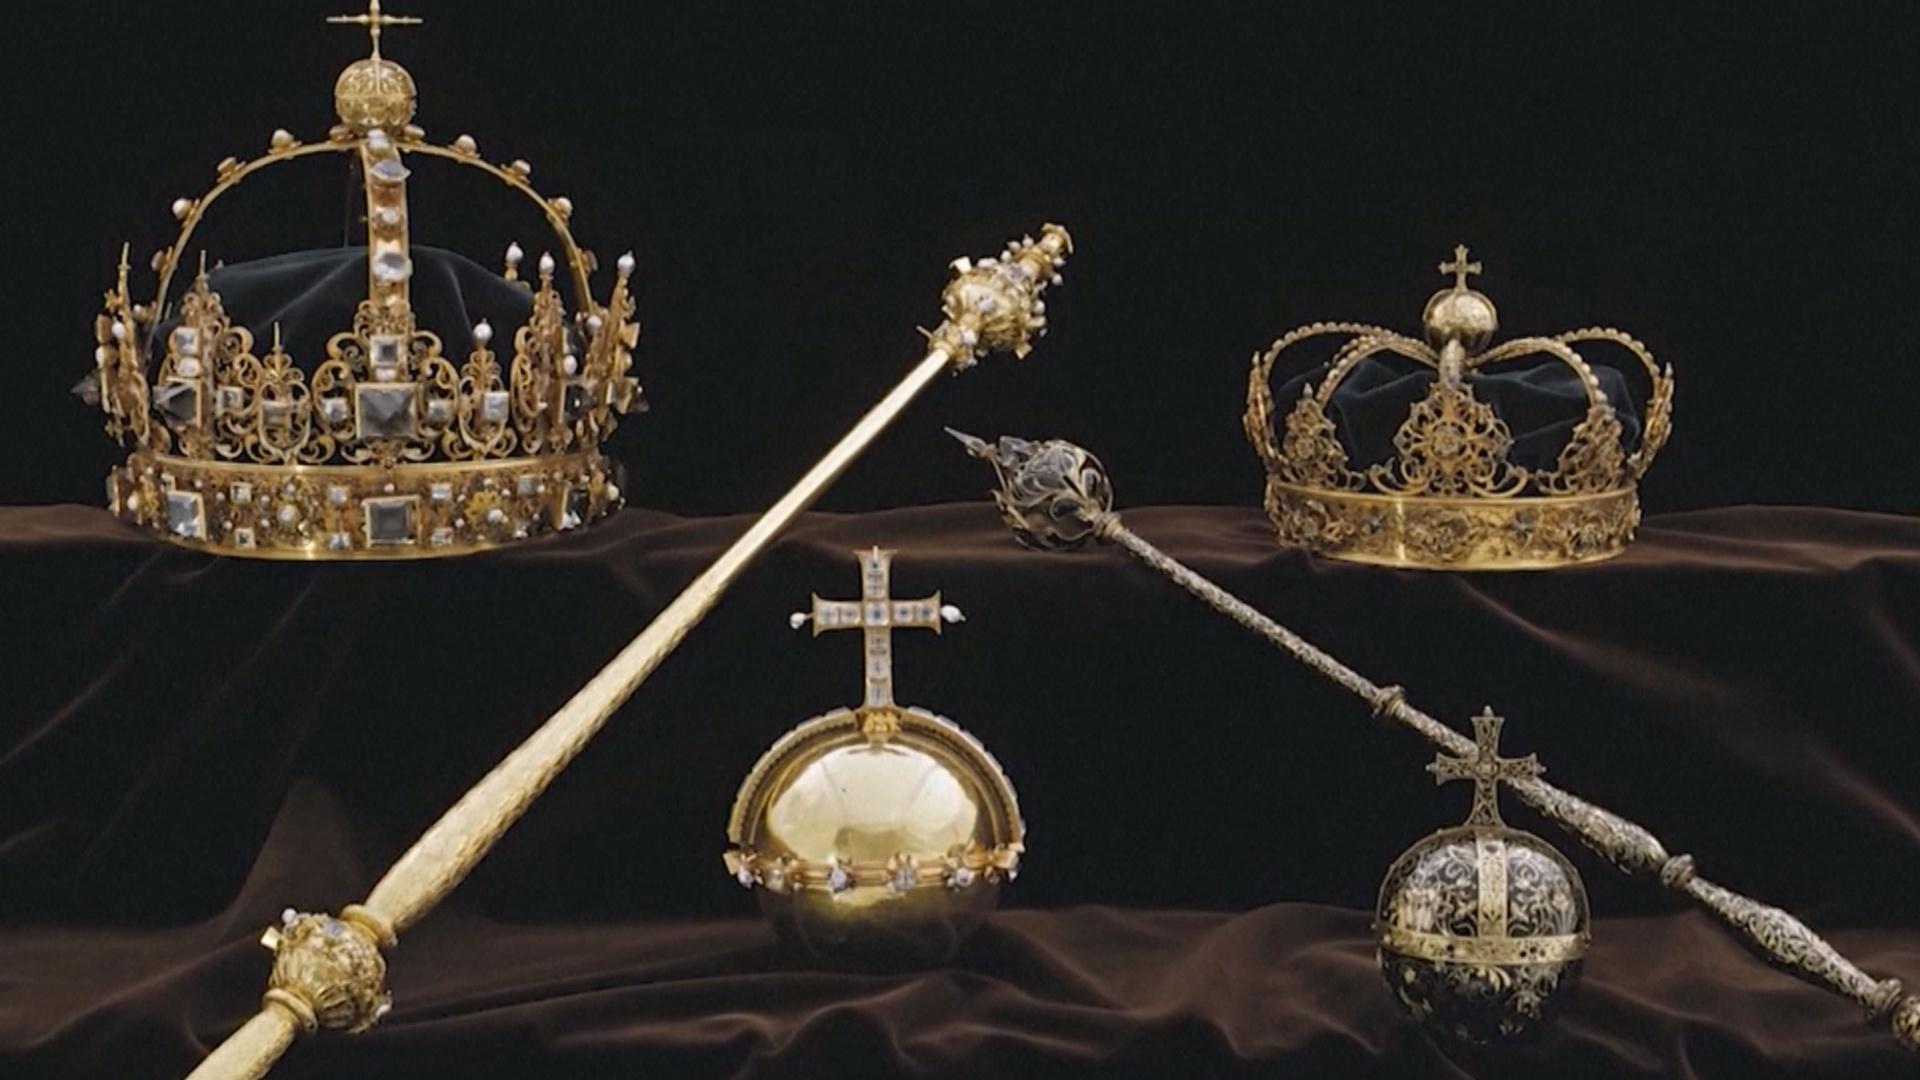 Похищенные шведские короны и державу XVII века нашли в мусорном баке